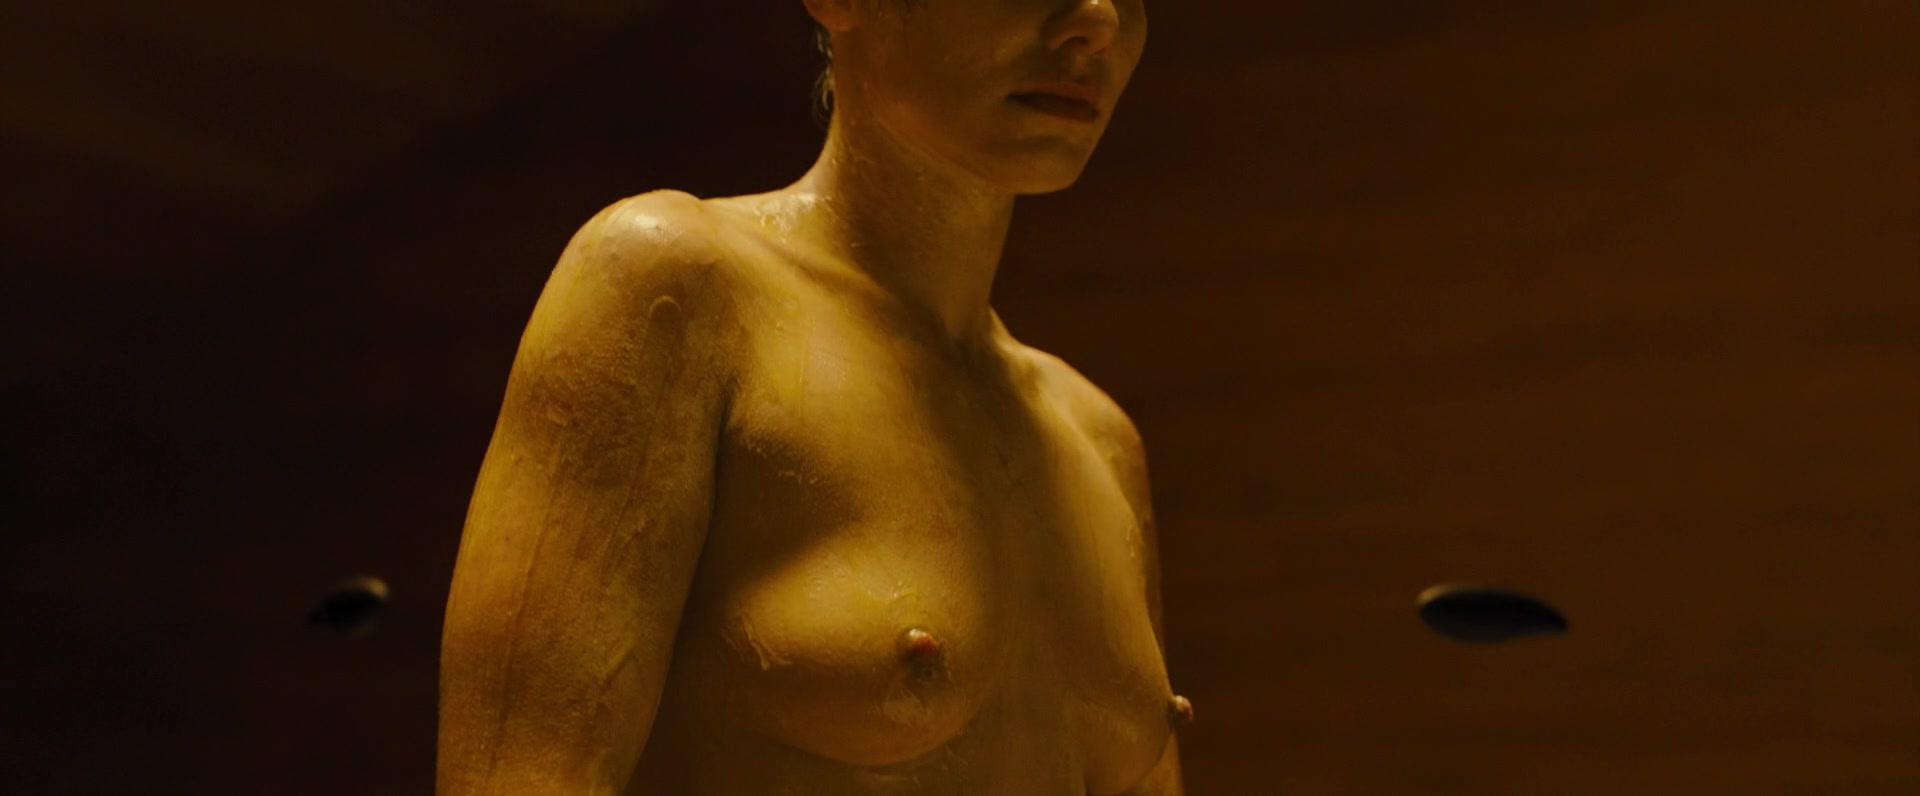 Ana-de-Armas-Sallie-Harmsen-Mackenzie-Davis-etc-Nude-23-thefappeningblog.com_.jpg